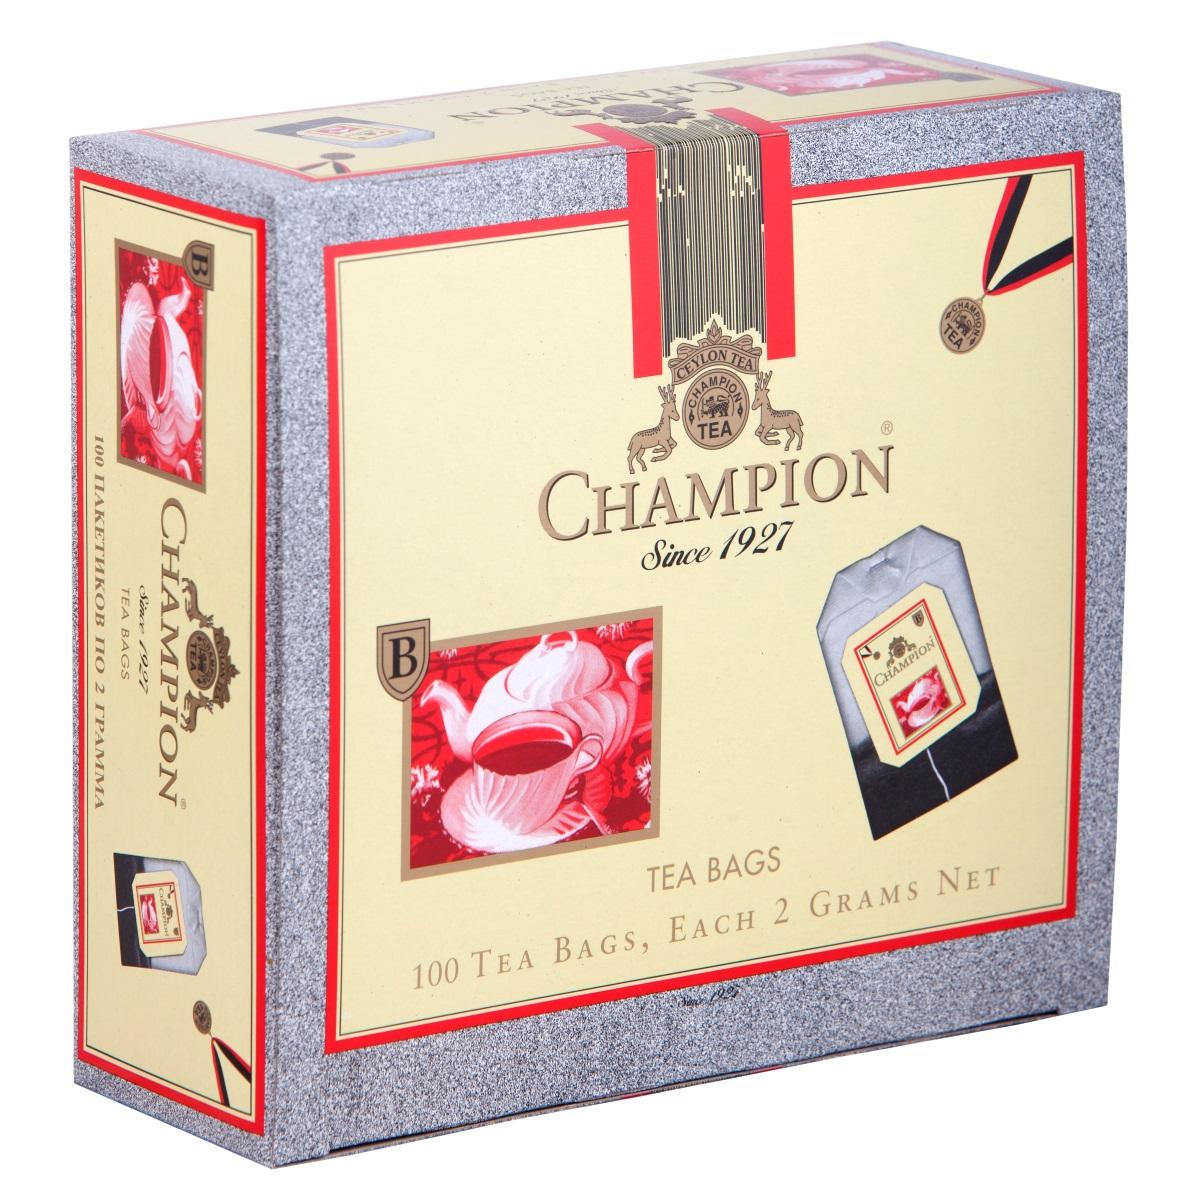 Champion черный листовой чай в пакетиках, 100 шт4607014862387Чай Чемпион с богатым вкусом, дает возможность любителям оценить настоящий вкус напитка. В его состав входит смесь лучших сортов из Индии, Цейлона и Кении.